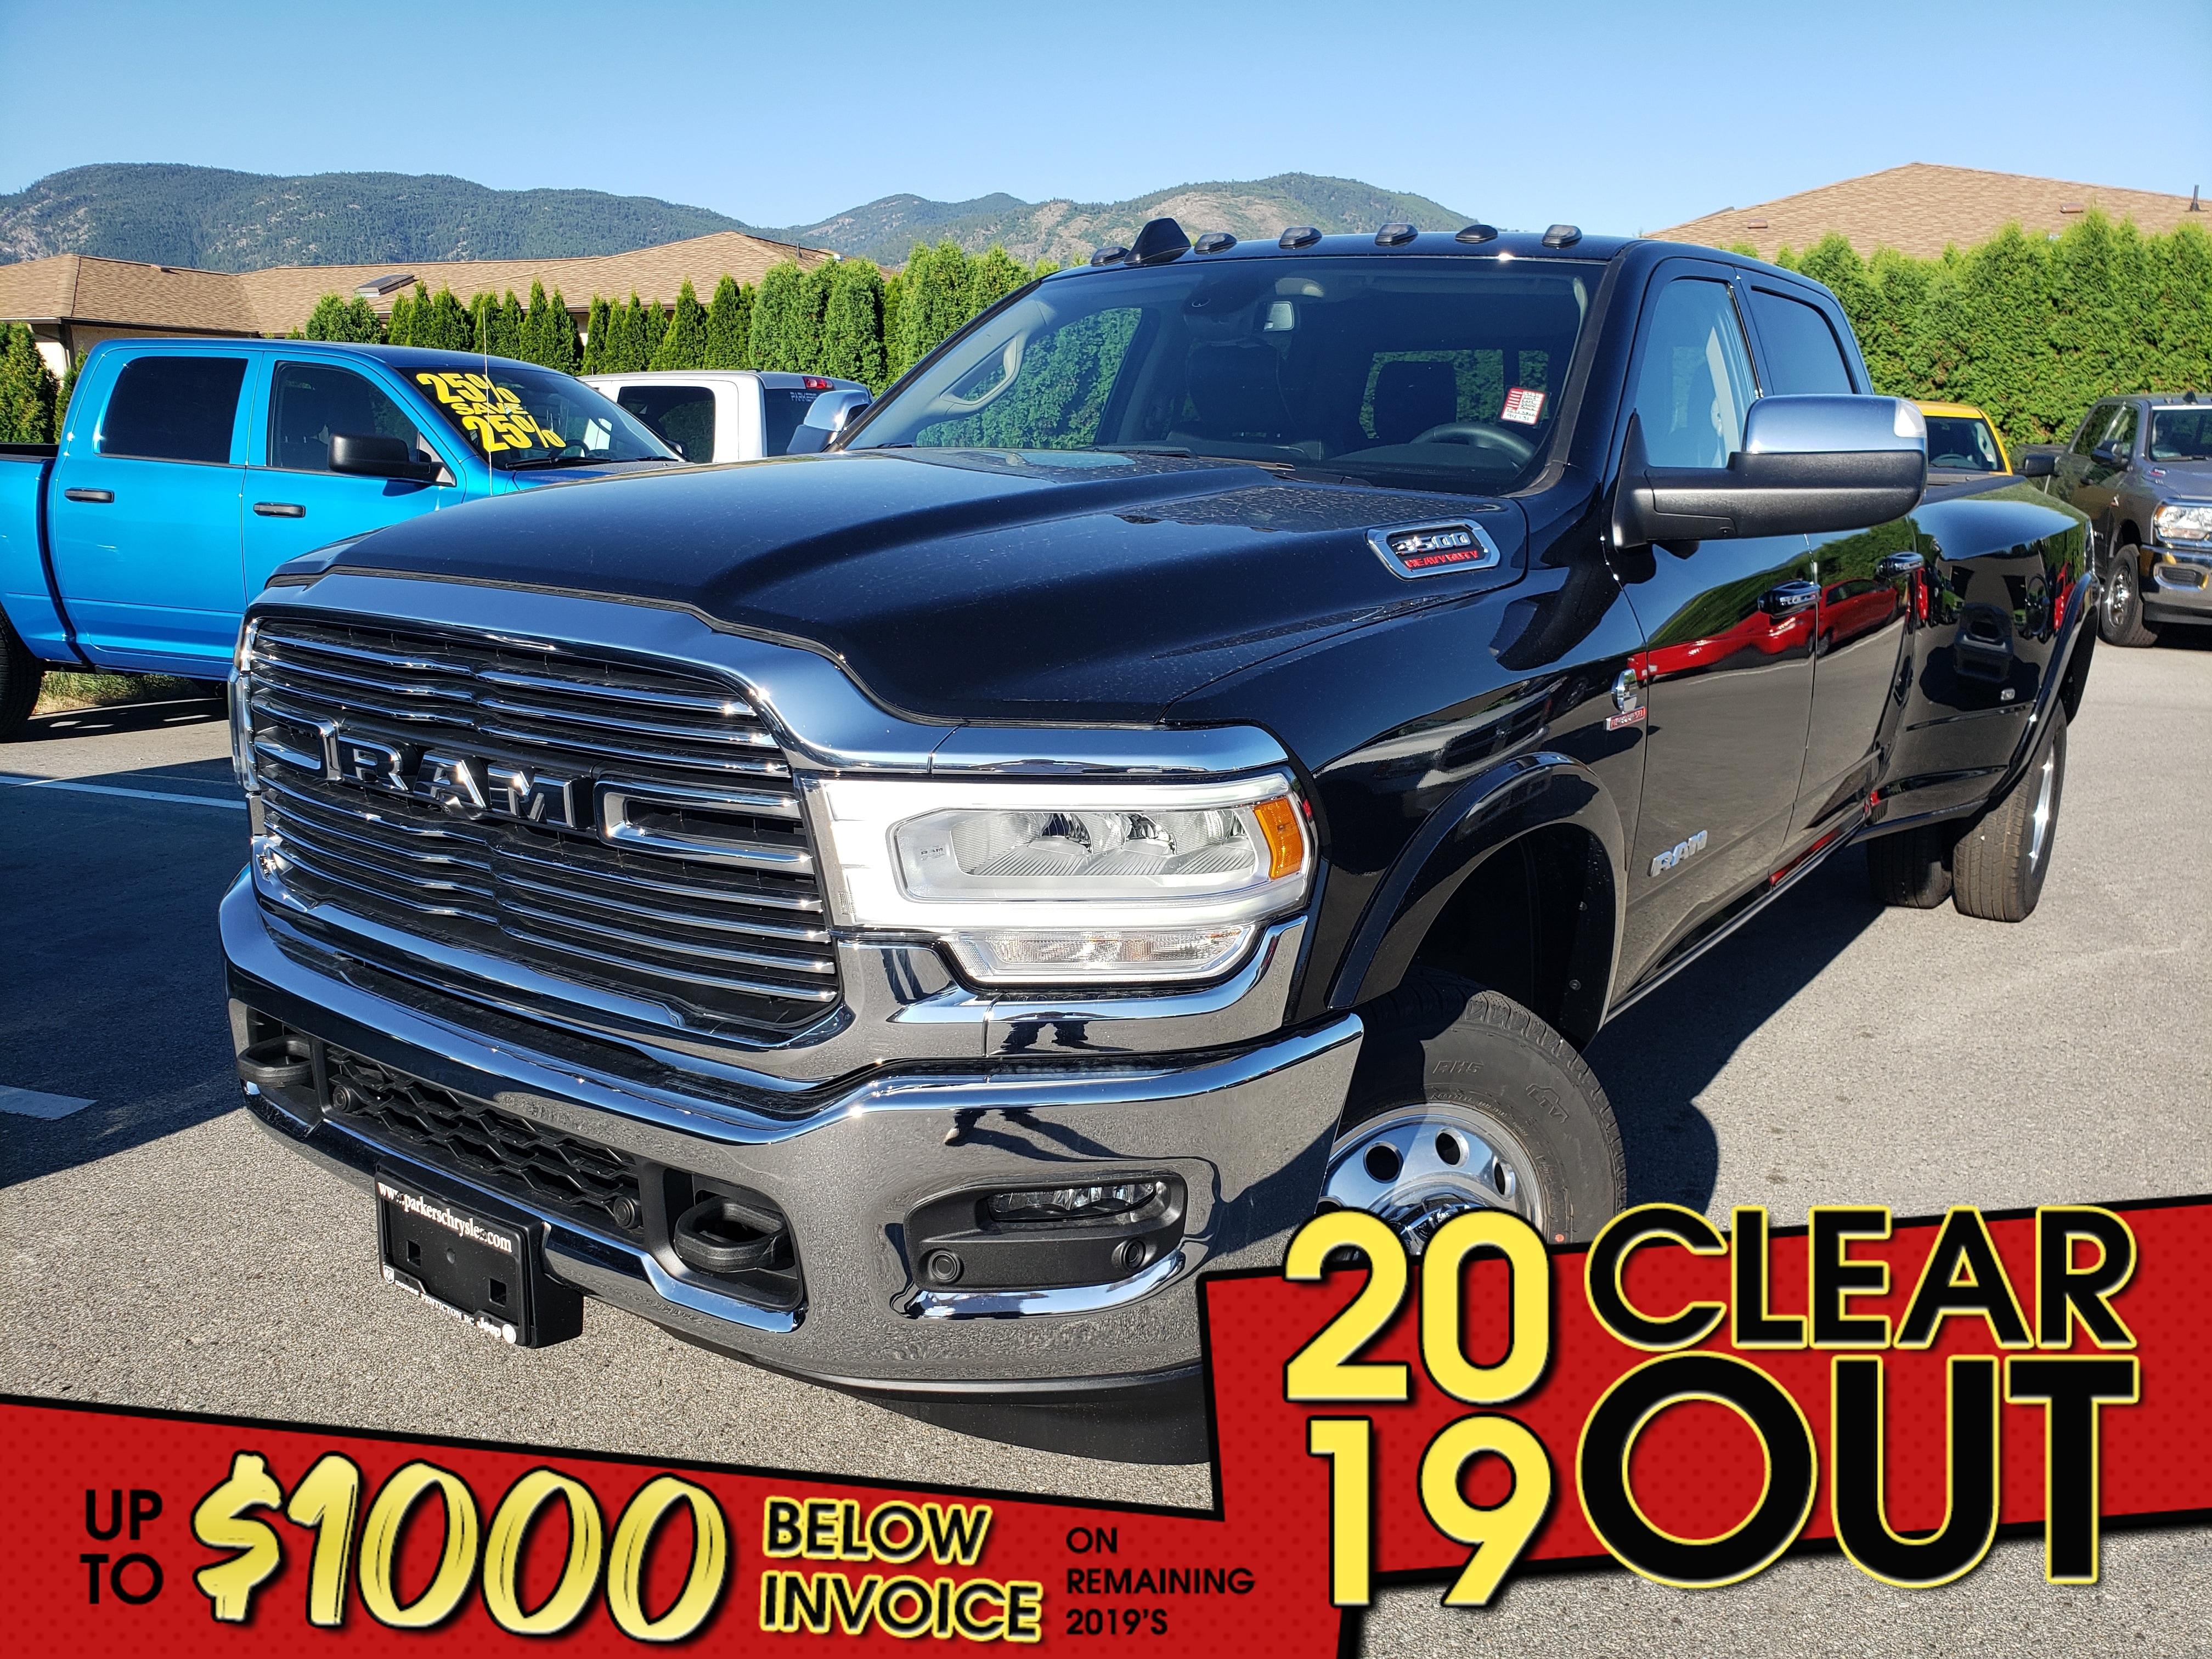 New 2019 Ram New 3500 Laramie Truck Crew Cab for sale in in Penticton, BC